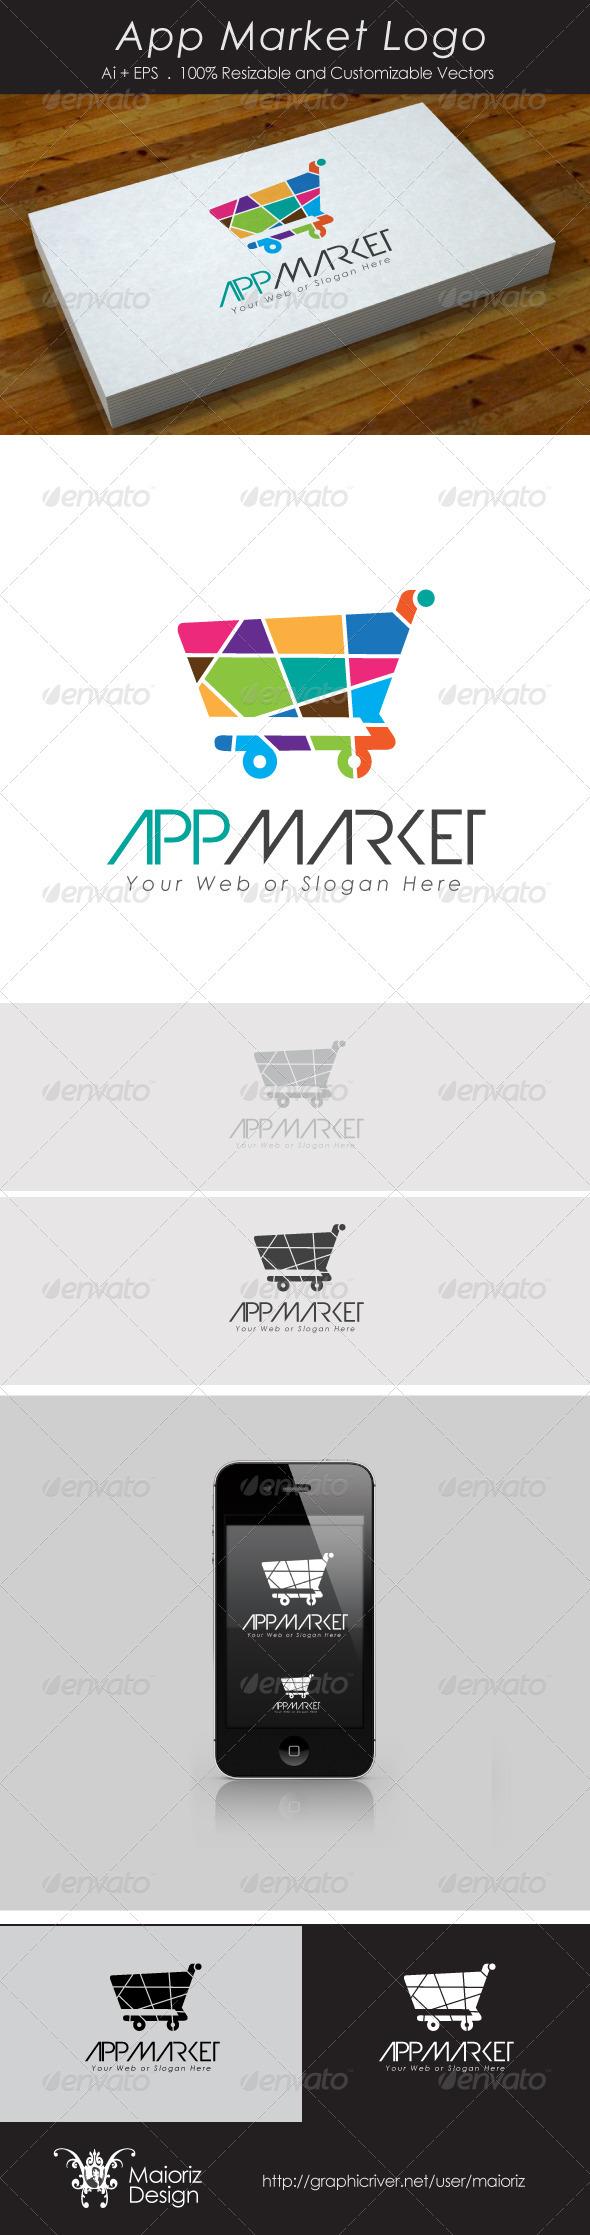 GraphicRiver App Market Logo 4032057